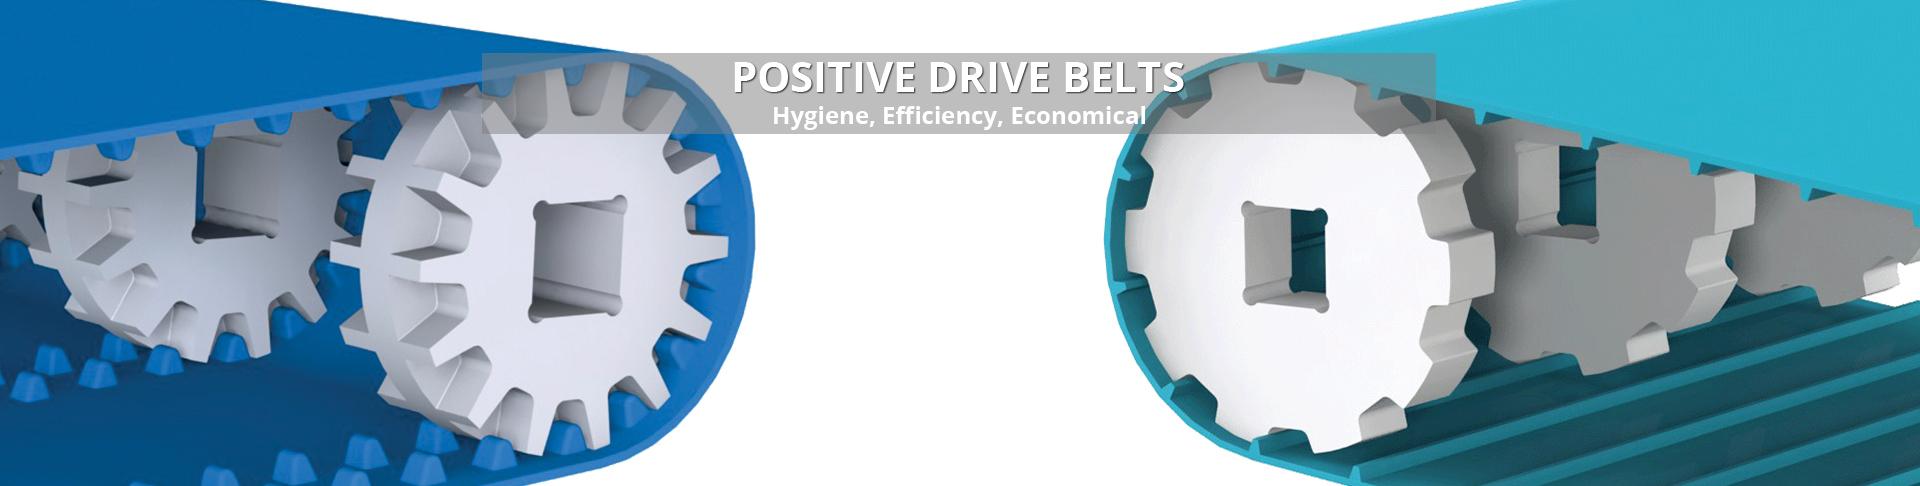 positive-drive-belts-slide